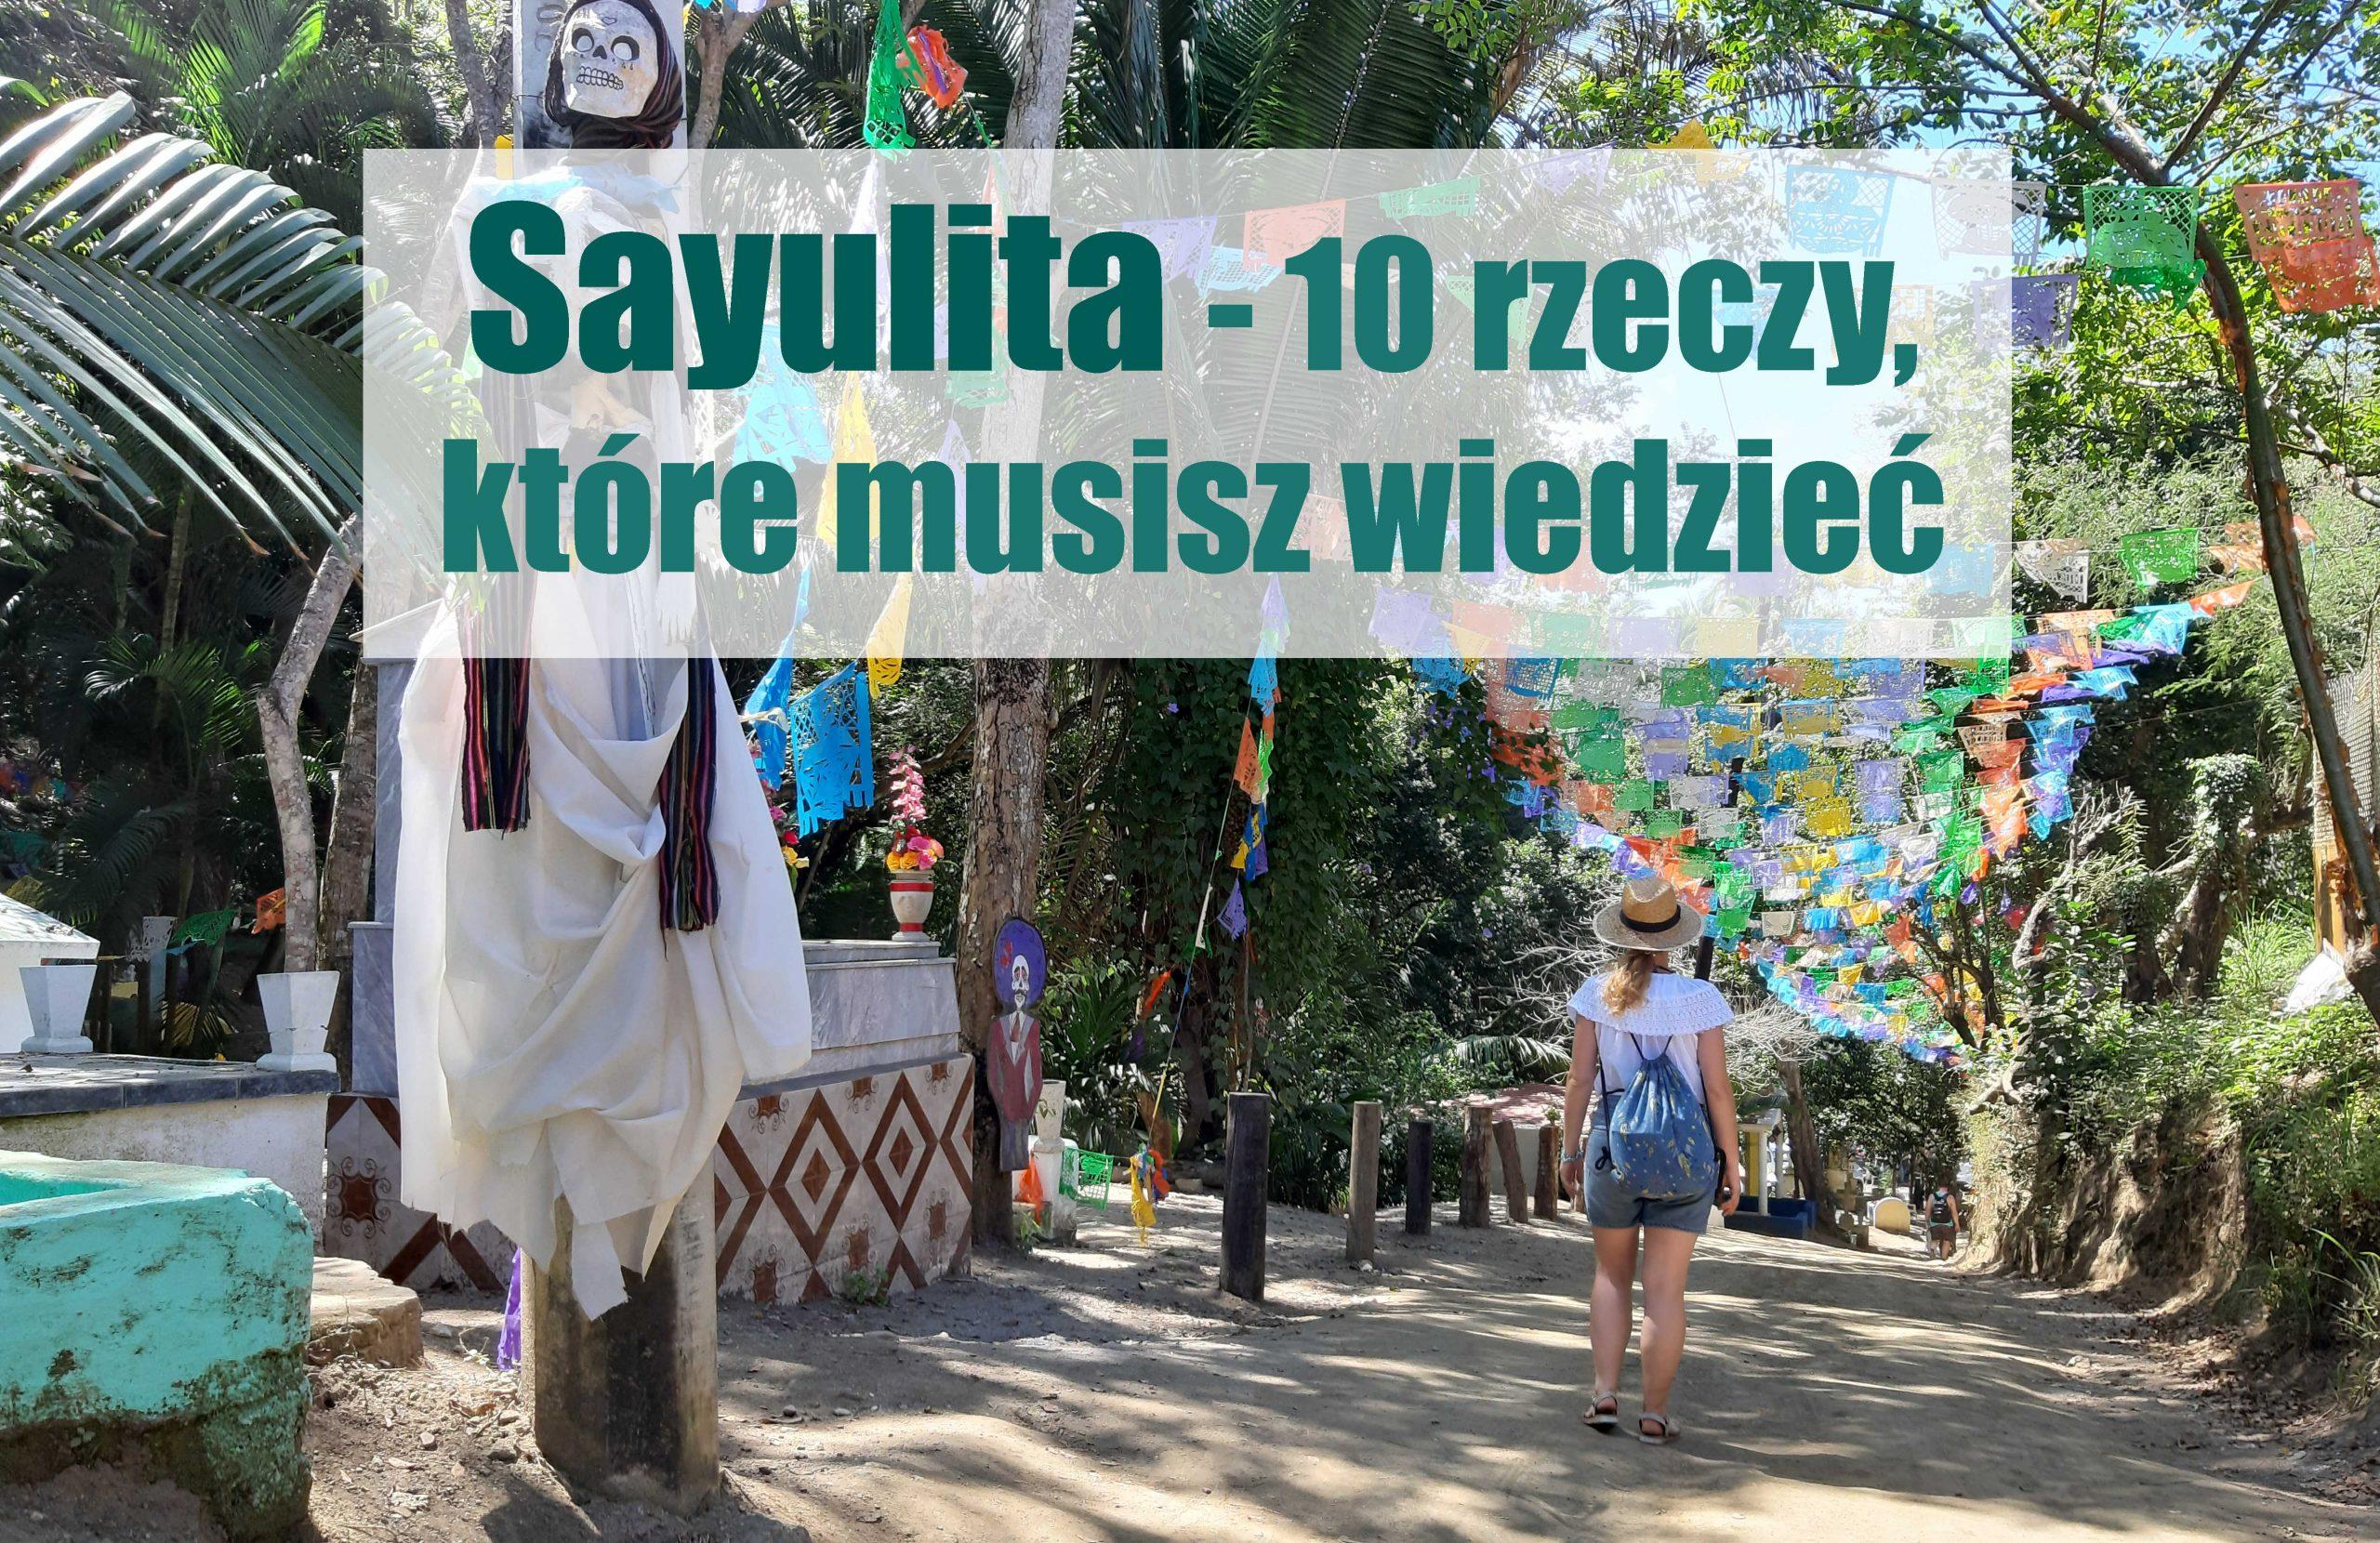 Sayulita Meksyk - 10 rzeczy które musisz wiedzieć